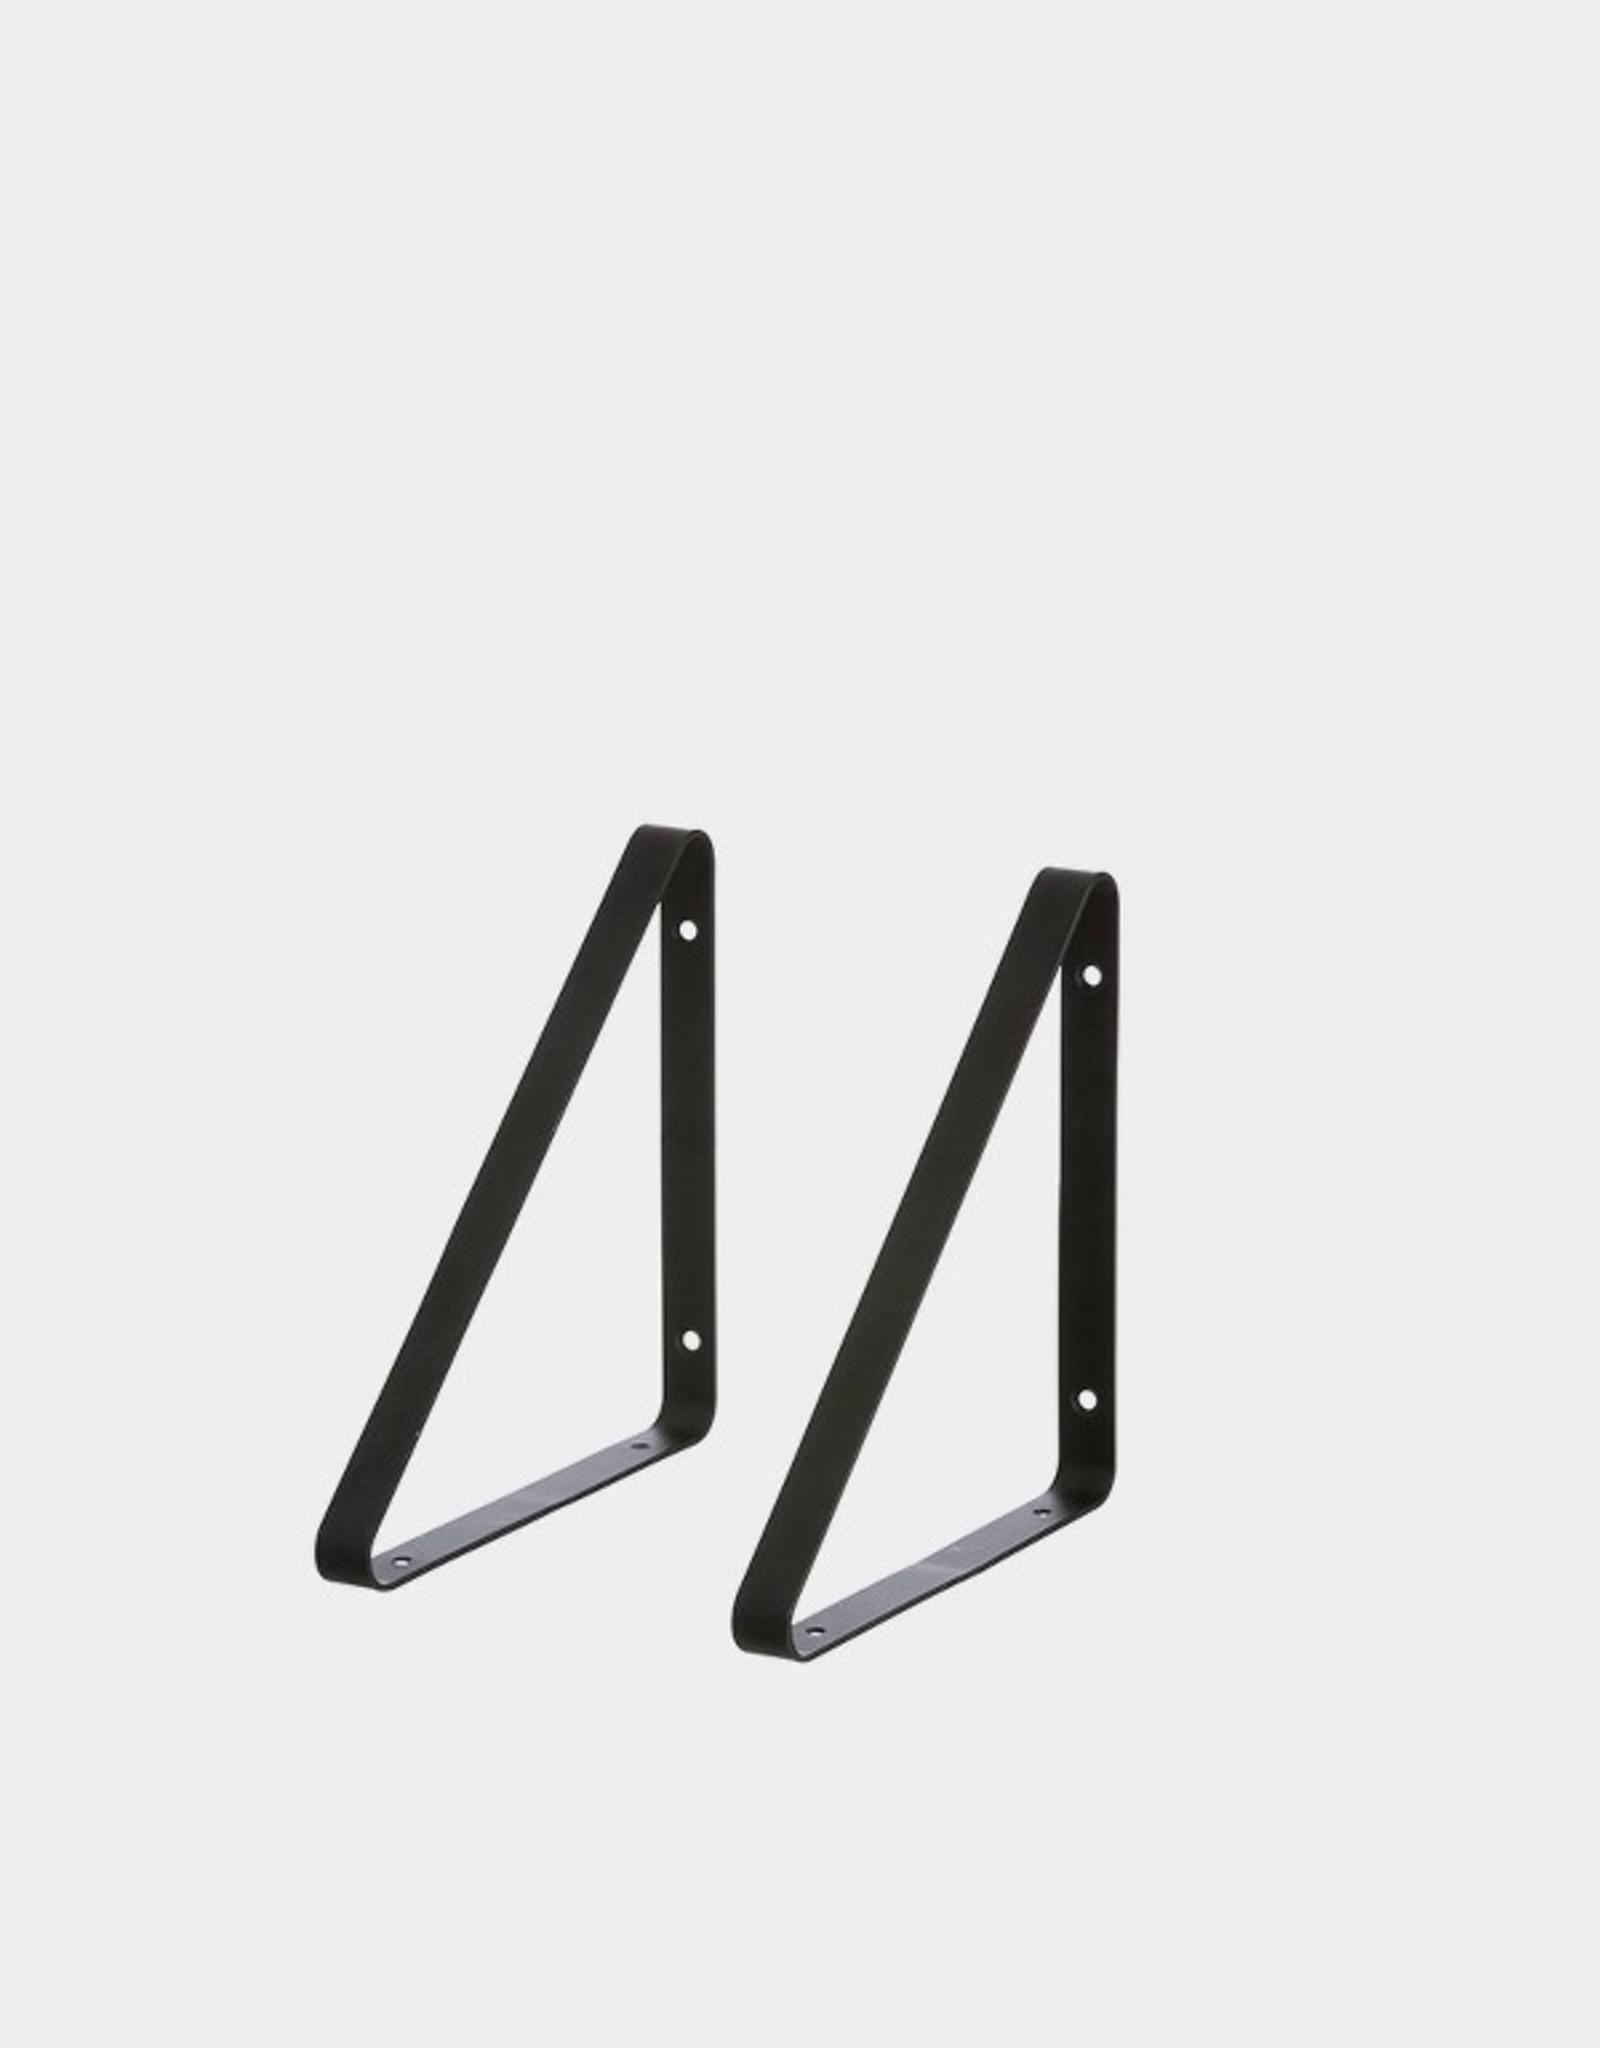 Ferm Living Shelf Hangers